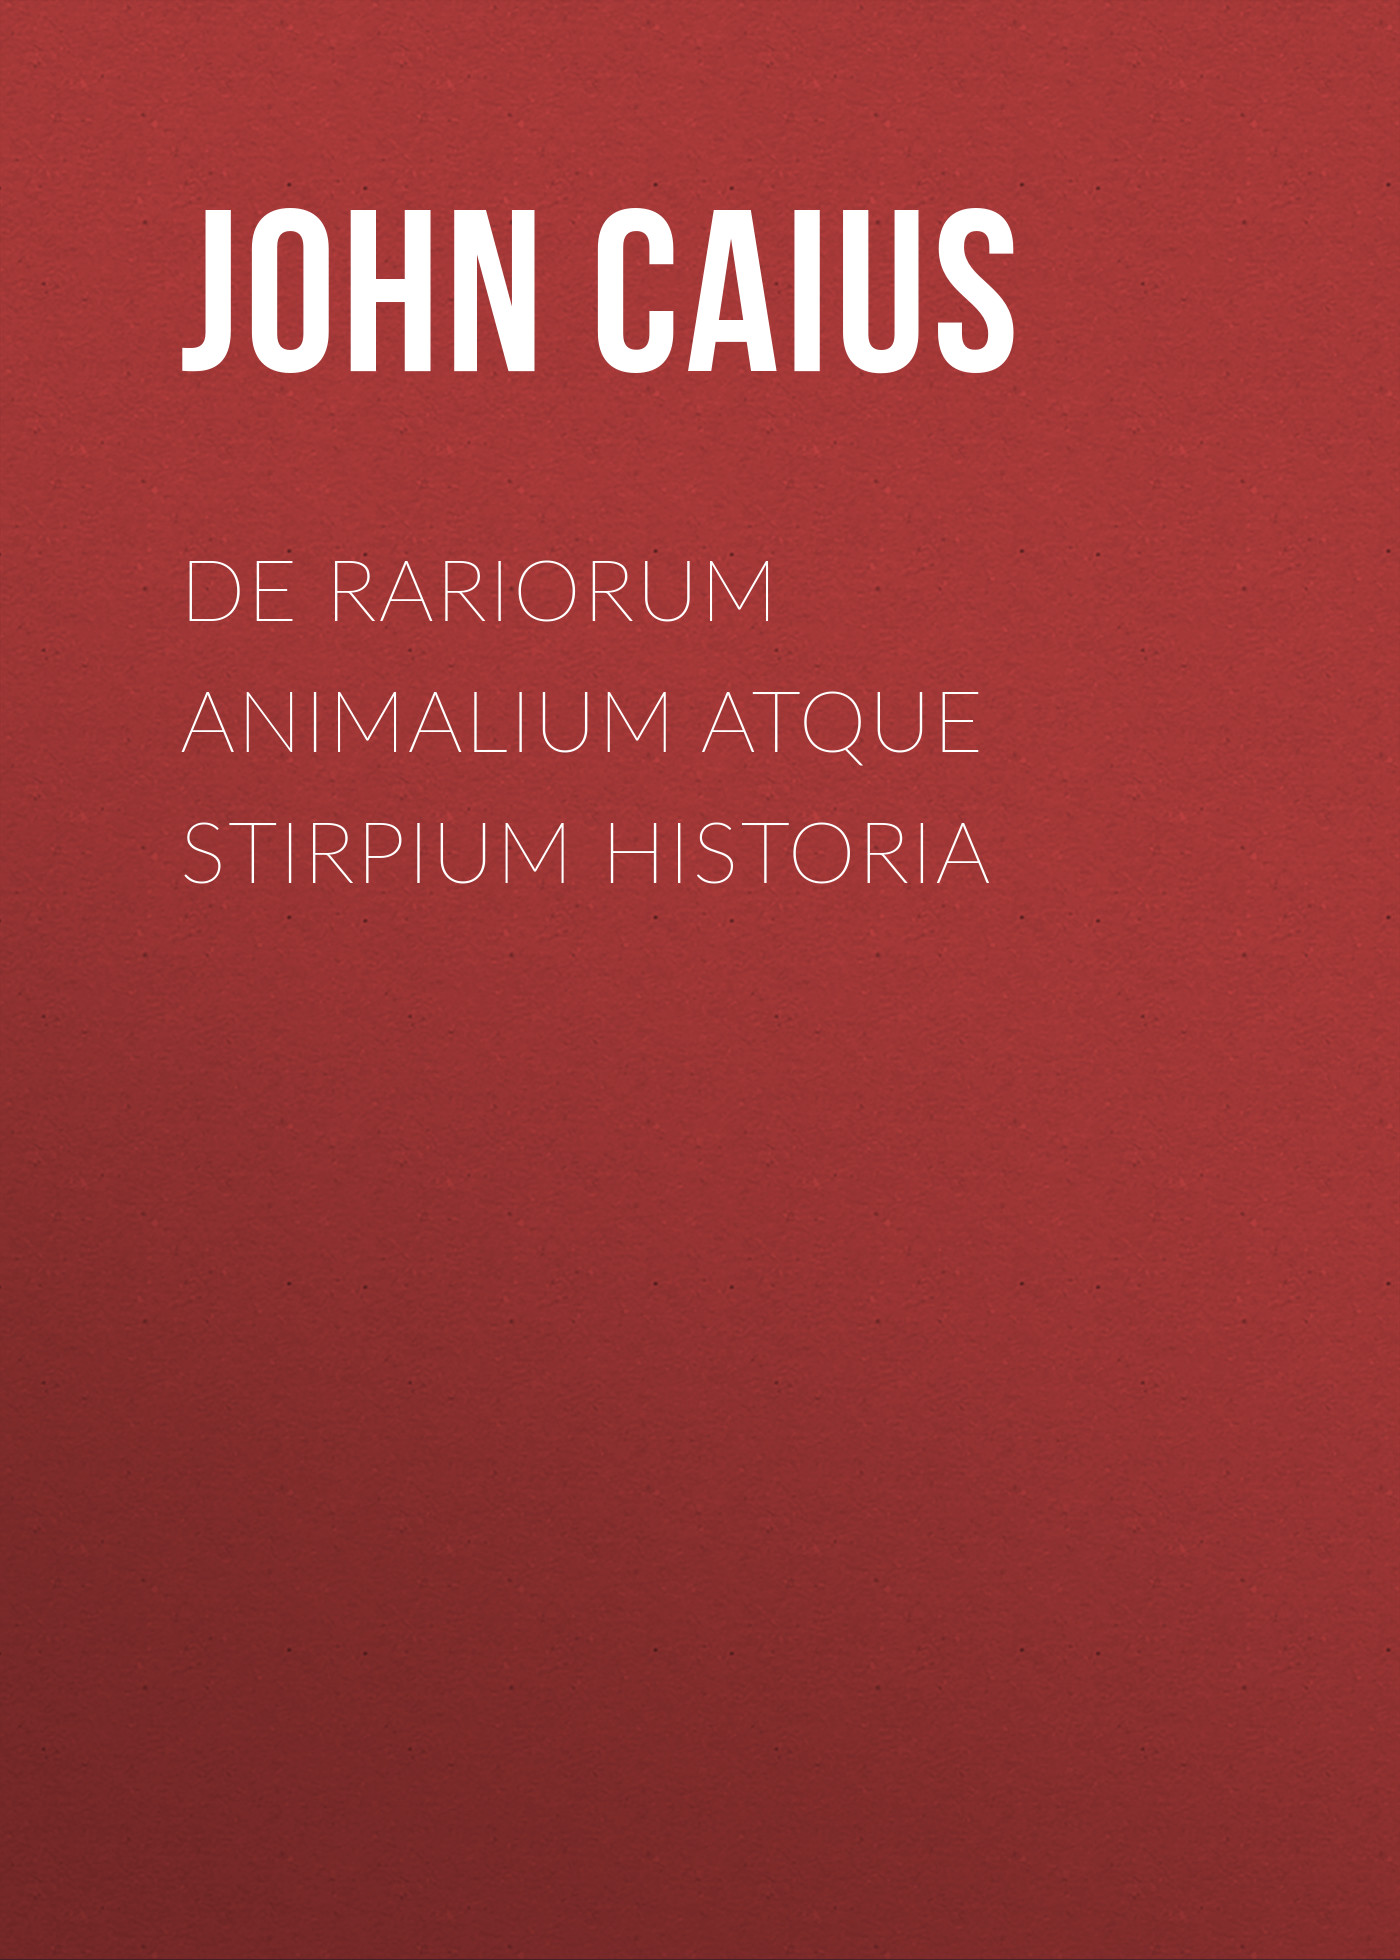 Caius John De Rariorum Animalium atque Stirpium Historia the works of aristotle de partibus animalium by w ogle de motu and de incessu animalium by a s farquharson de generatione animalium by a platt